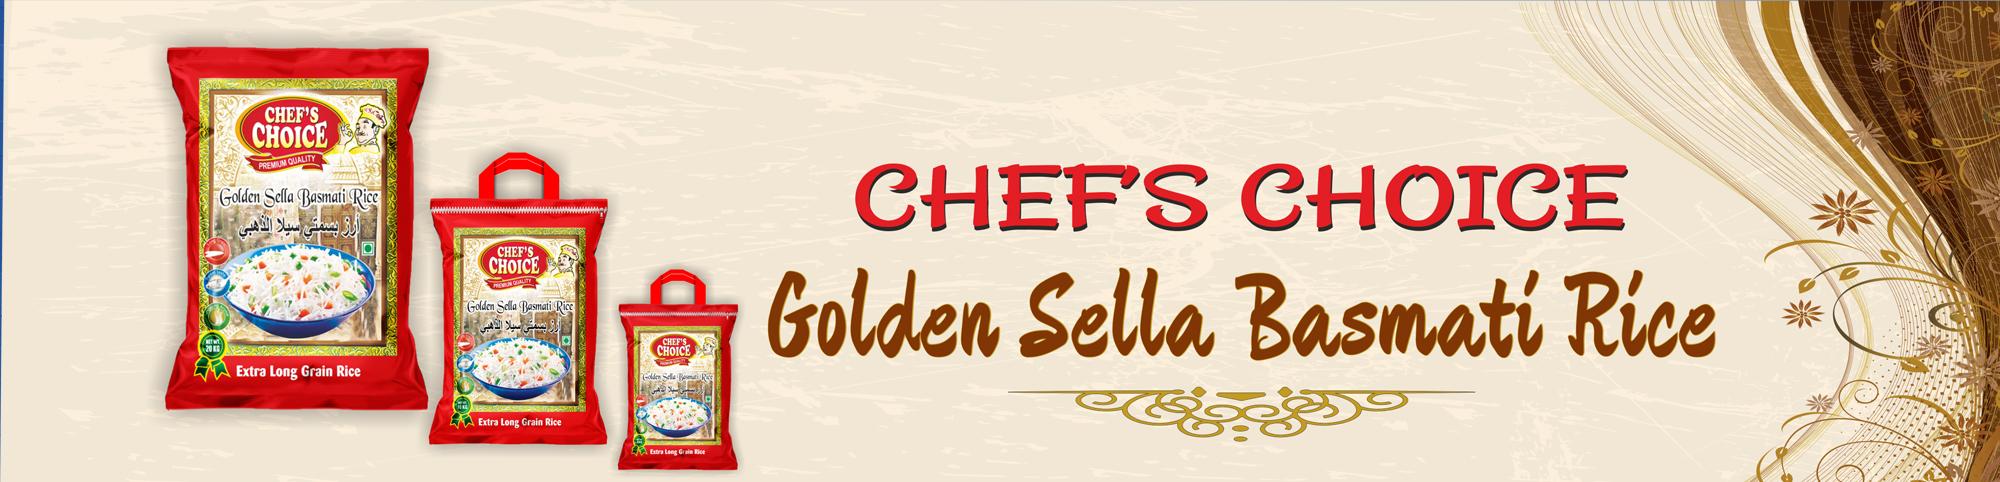 chef-choice-golden-sella-basmati-rice-dublin